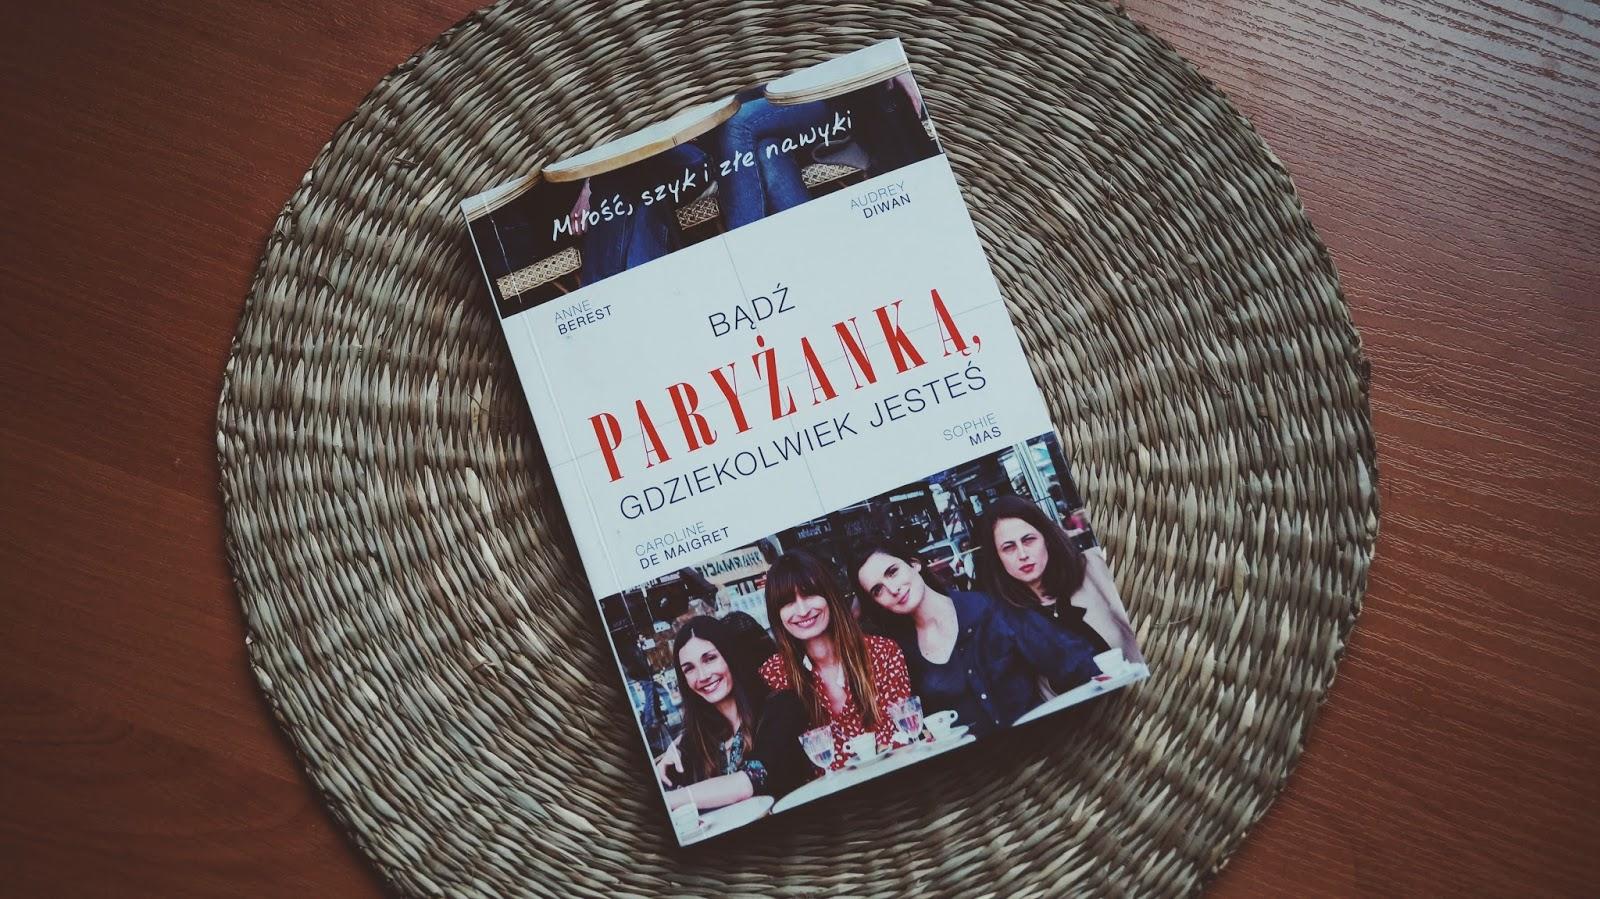 Bądź Paryżanką, gdziekolwiek jesteś - recenzja książki